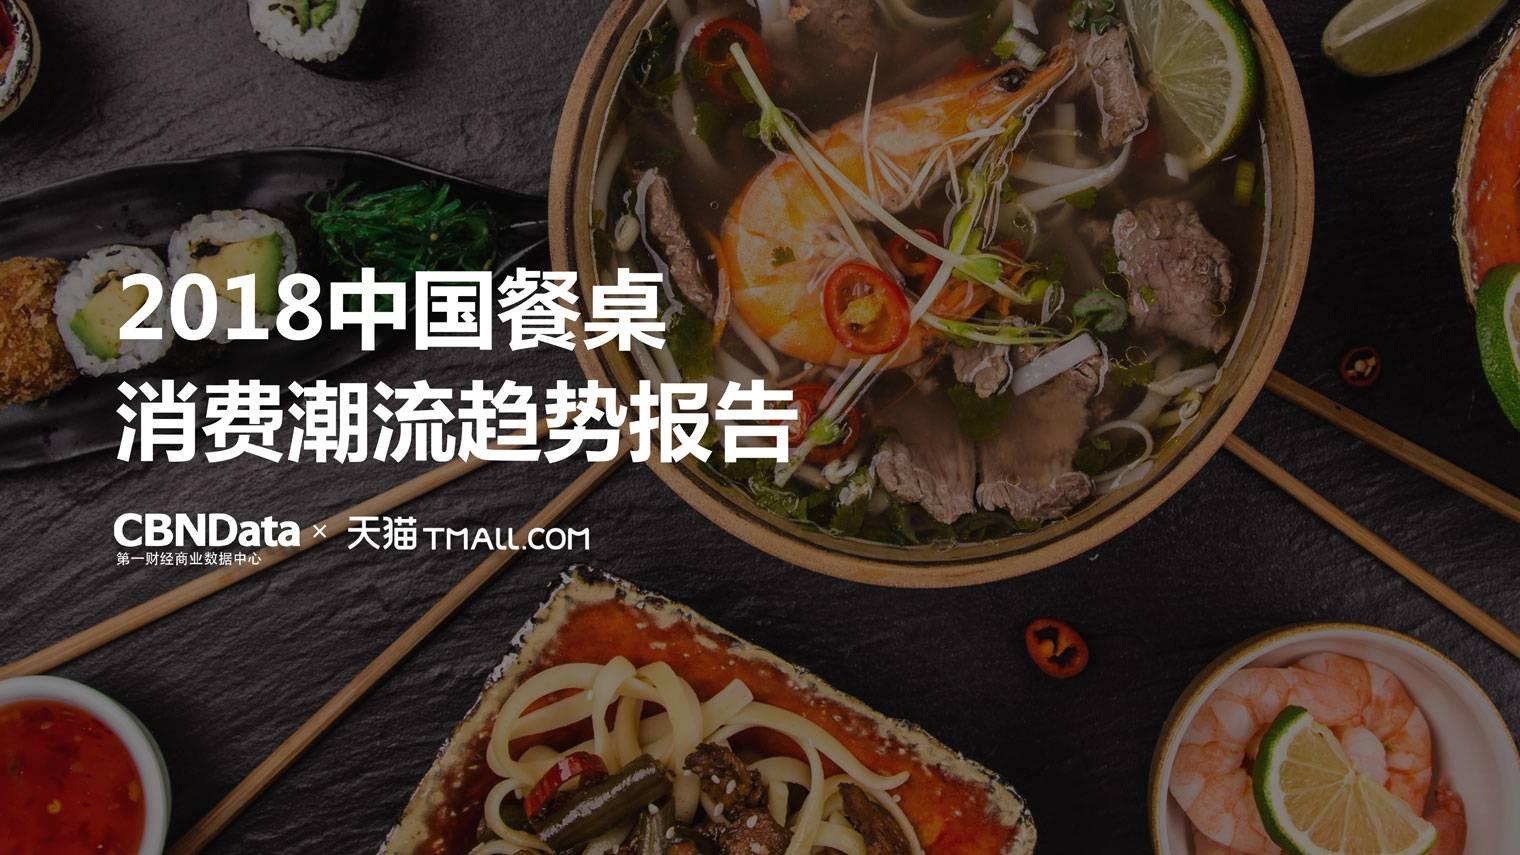 2018中国餐桌消费潮流趋势报告